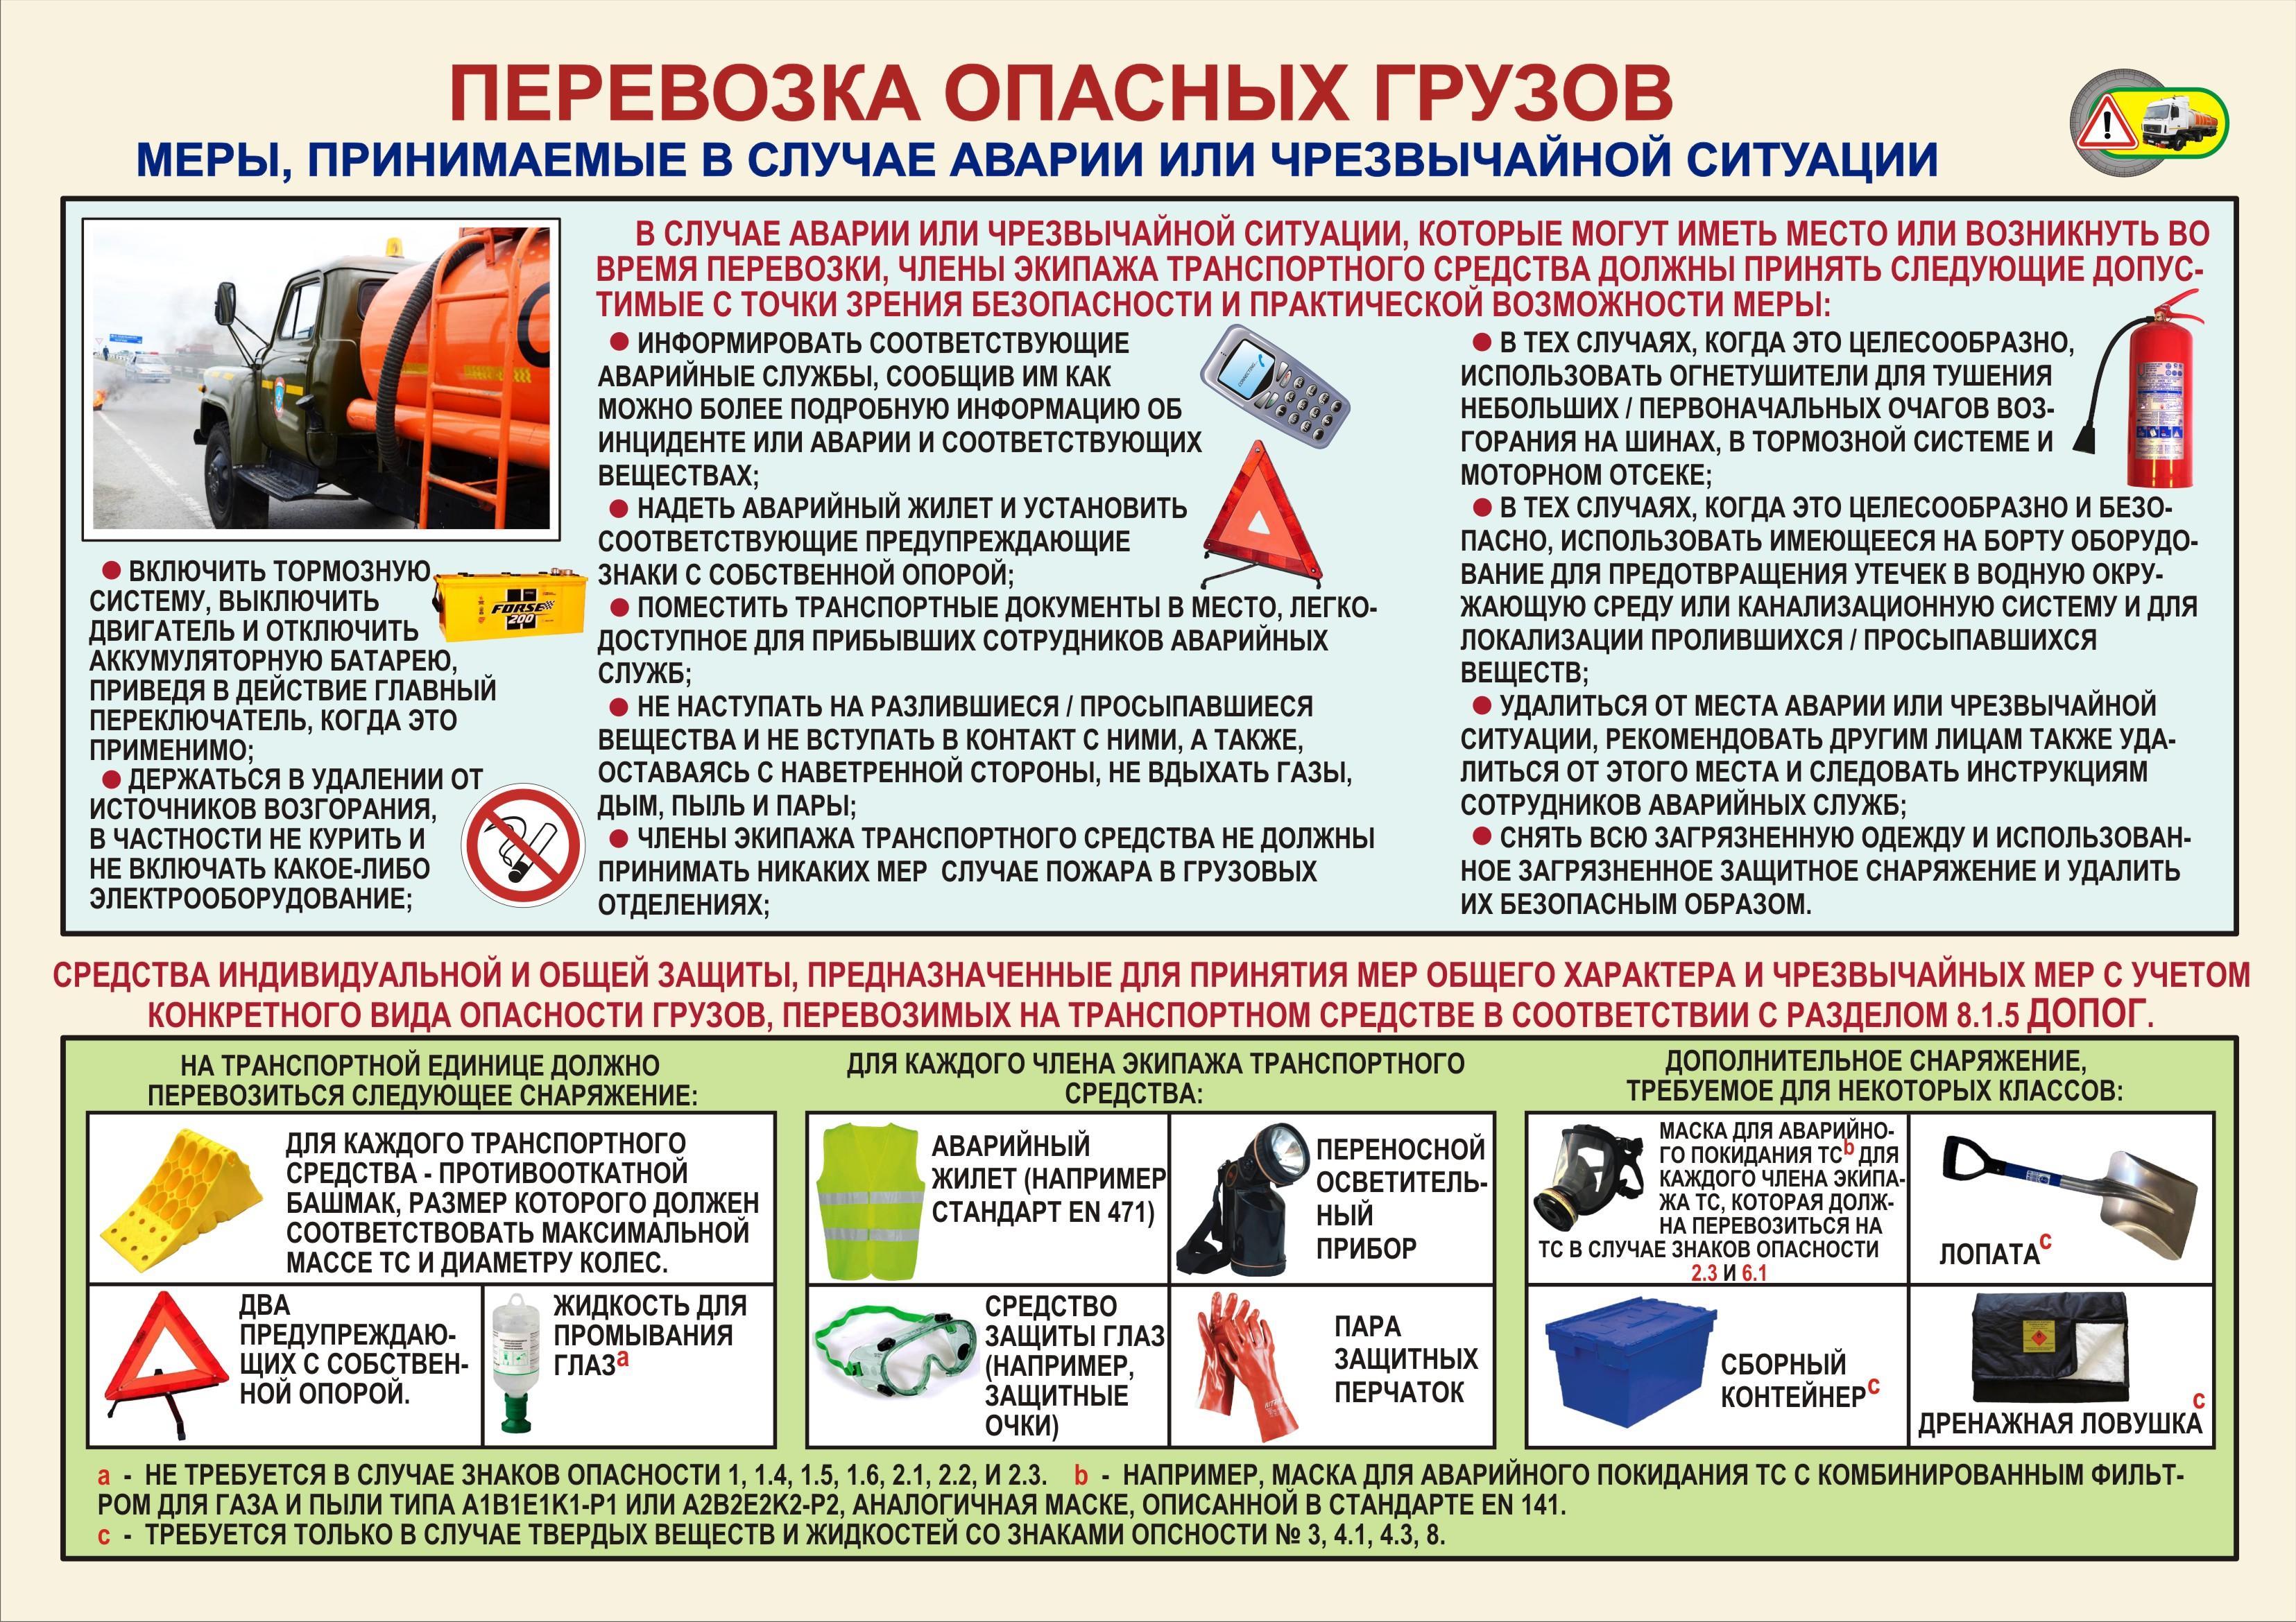 Европейское соглашение о международной дорожной перевозке опасных грузов (допог), международное соглашение от 30 сентября 1957 года